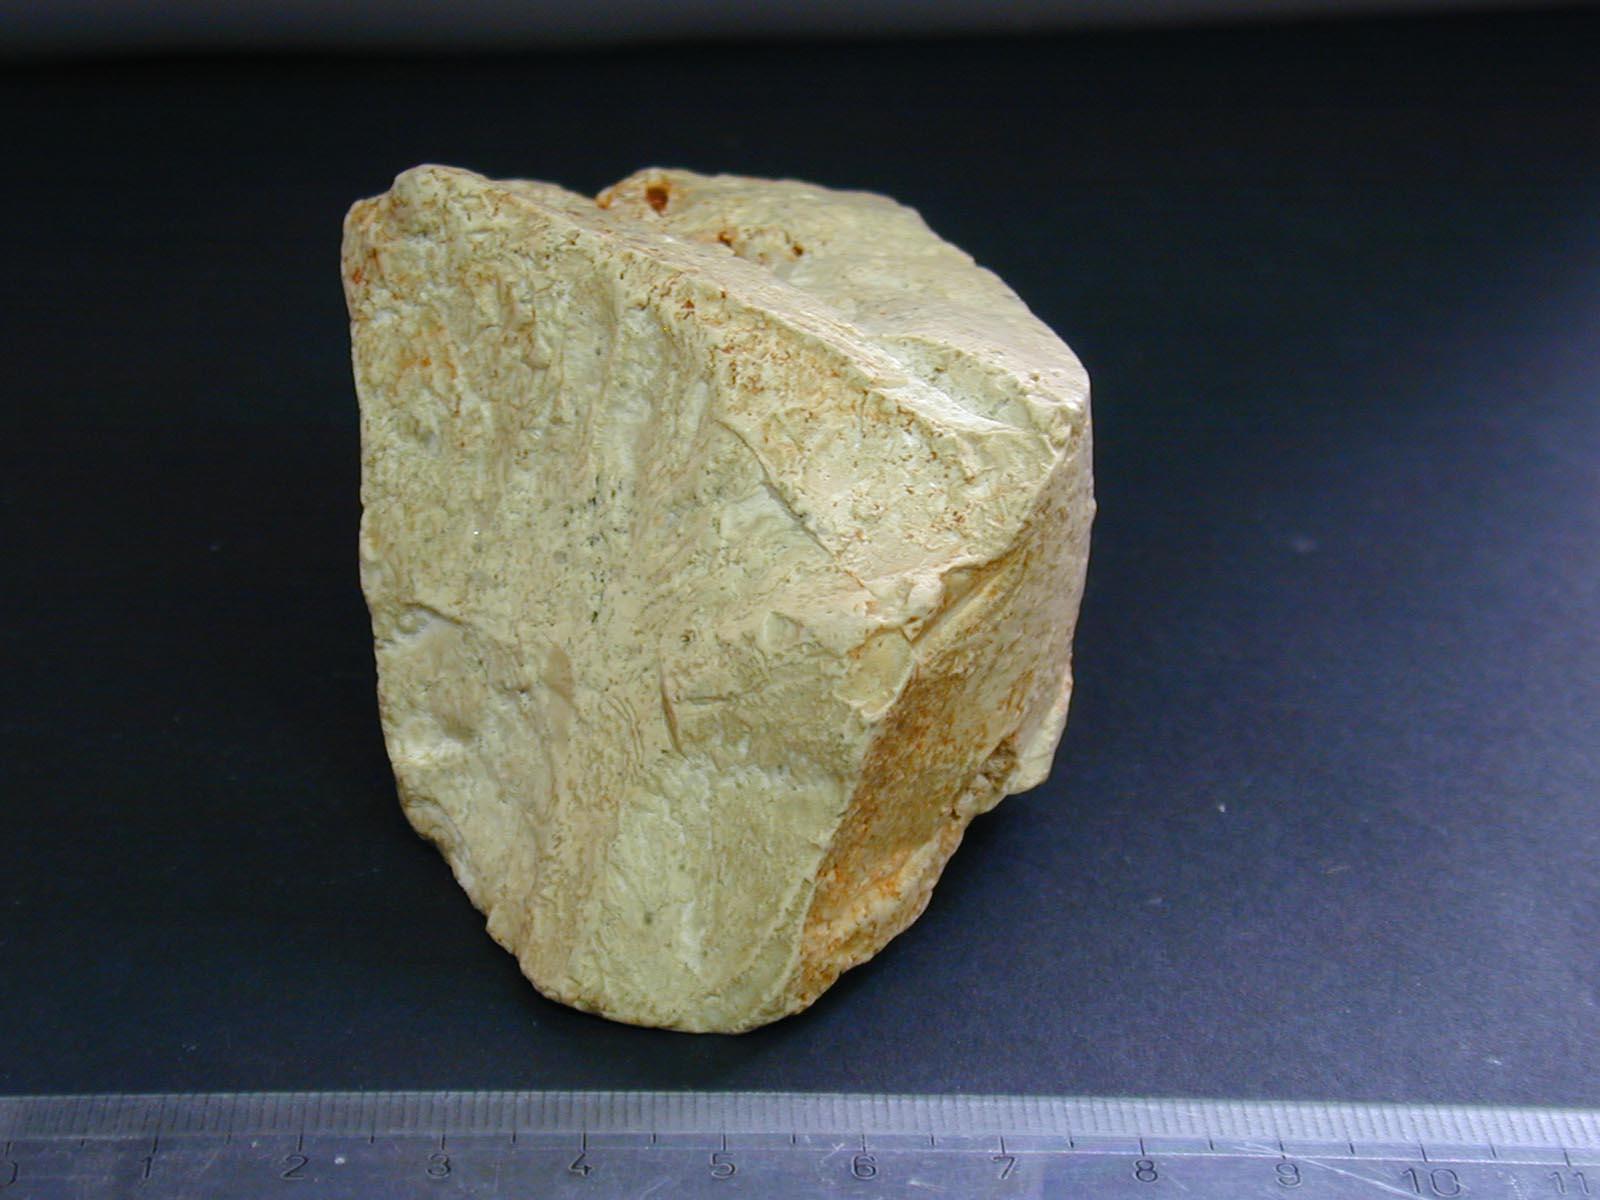 Carbonato de calcio qu es y para qu sirve for Marmol mineral